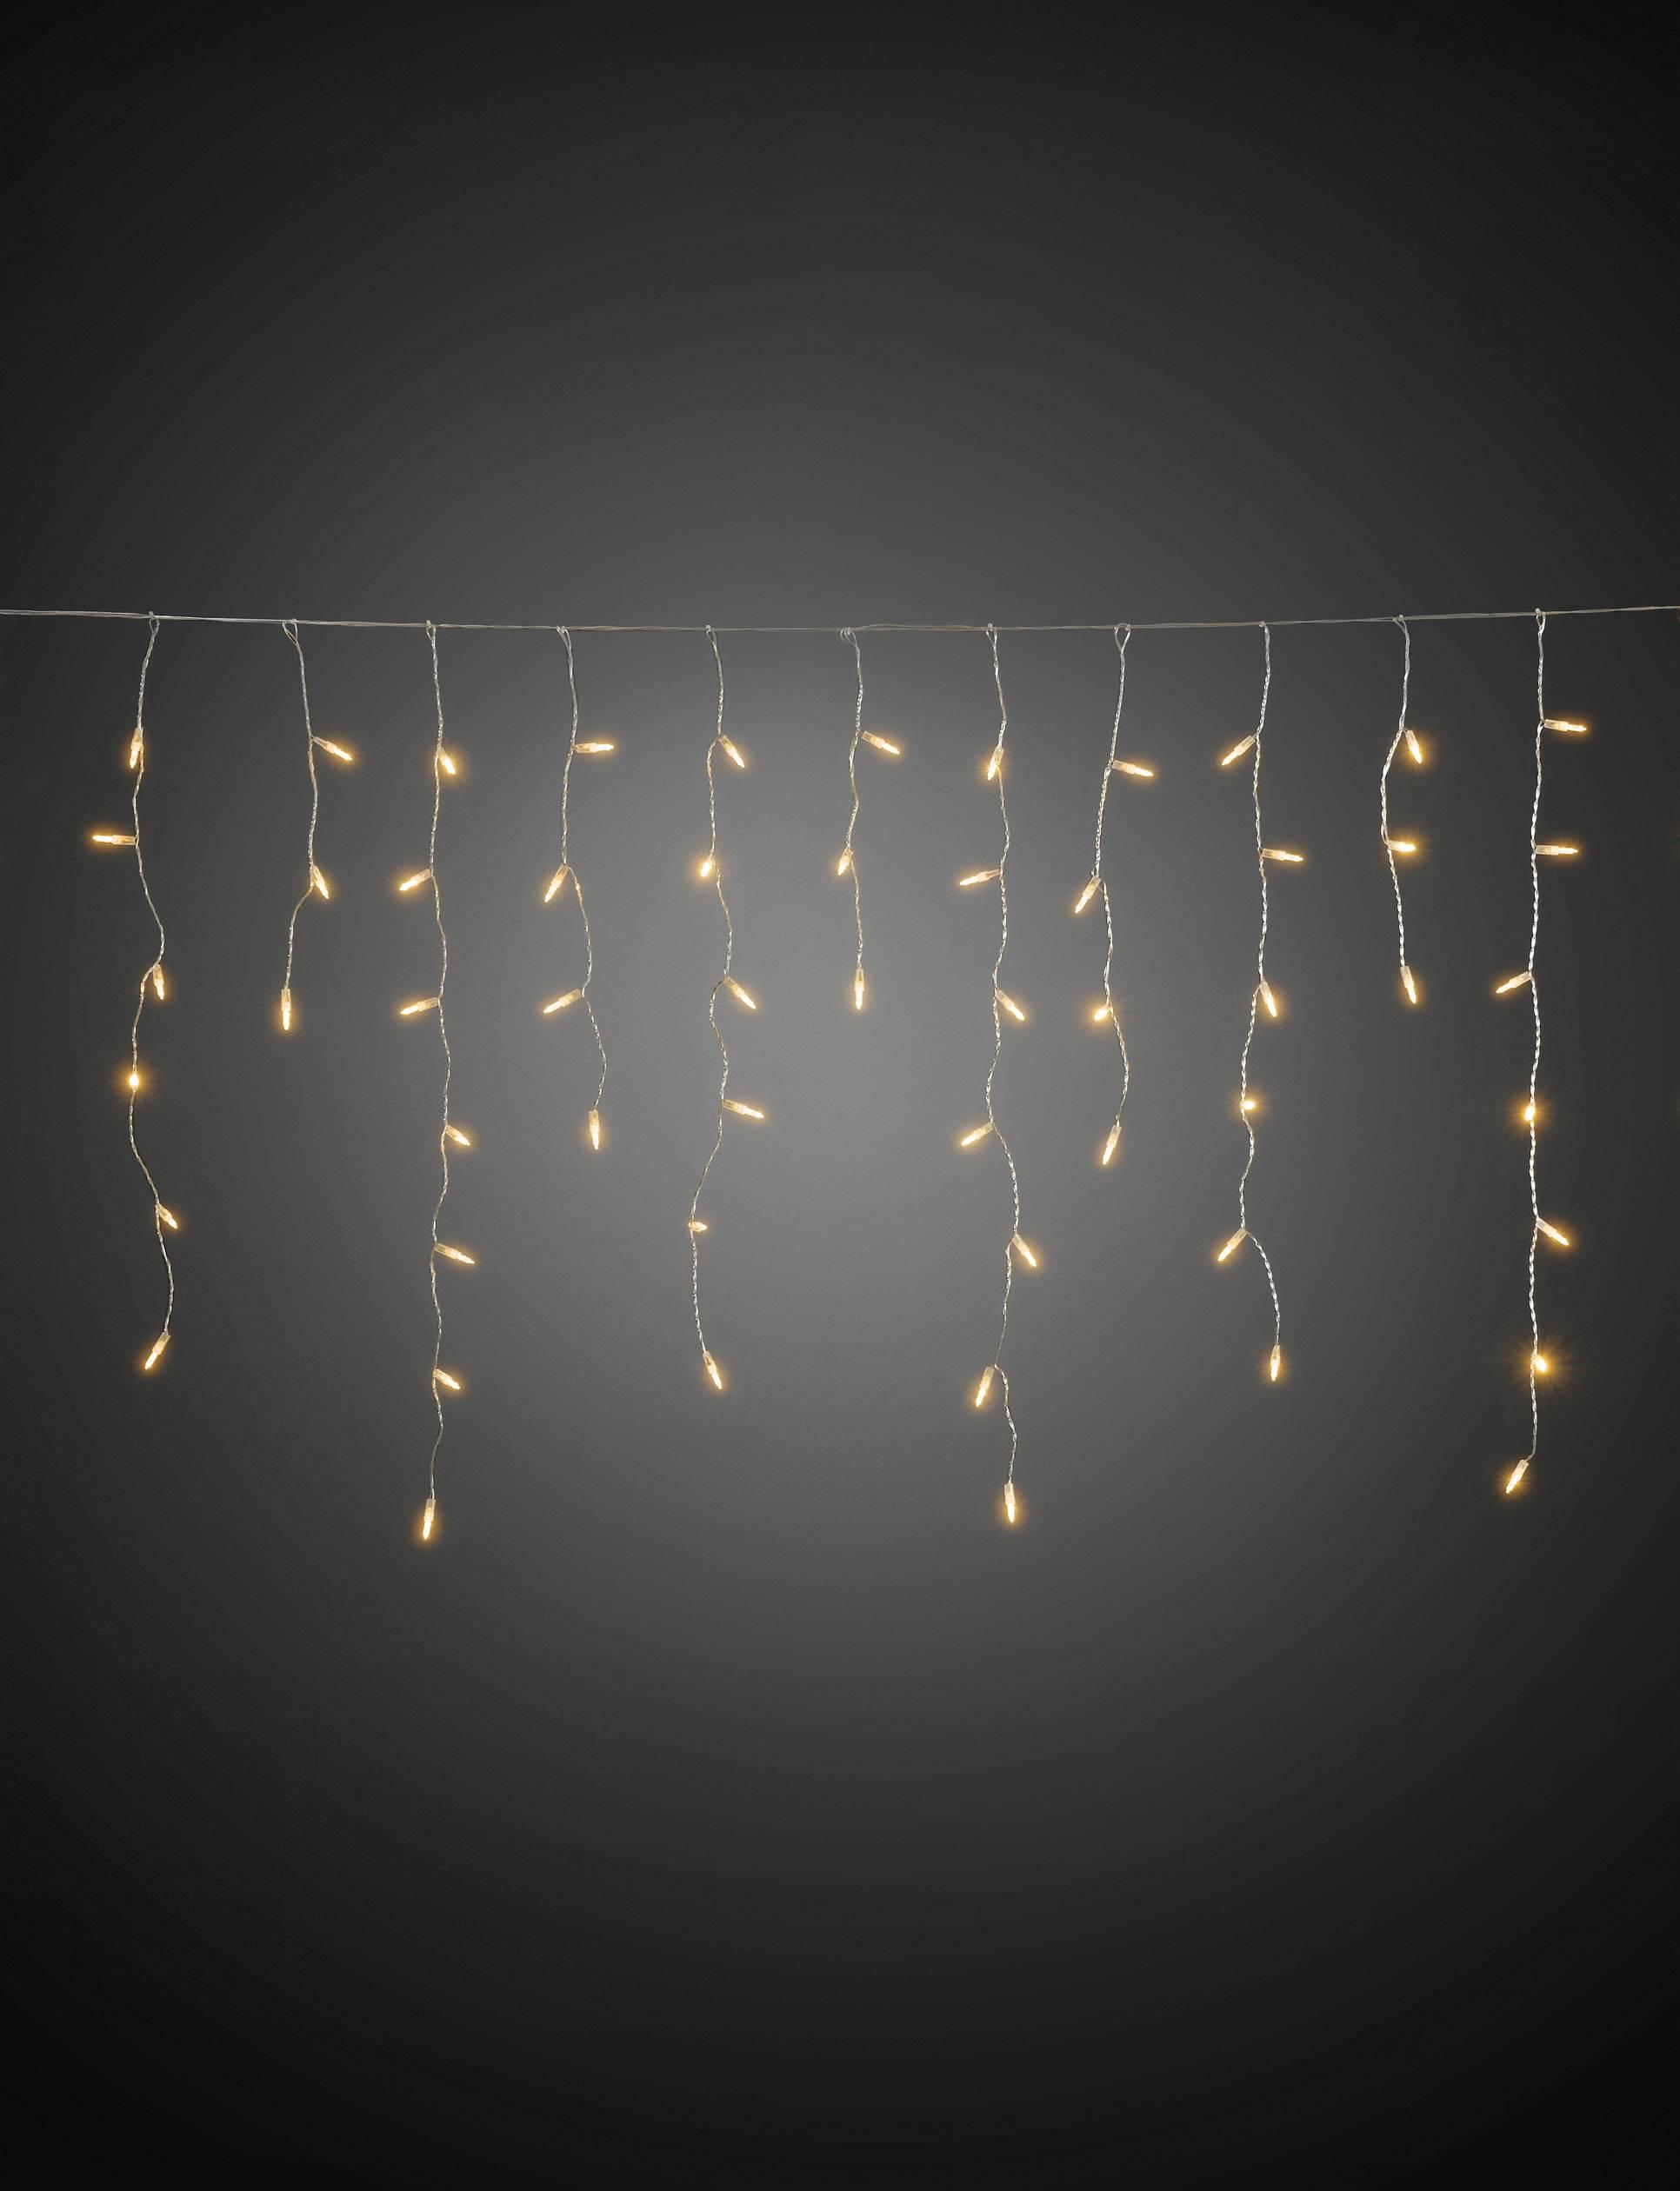 izdelek-konstsmide-svetlobna-zavesa-v-obliki-ledenega-dezja-zunaj-27